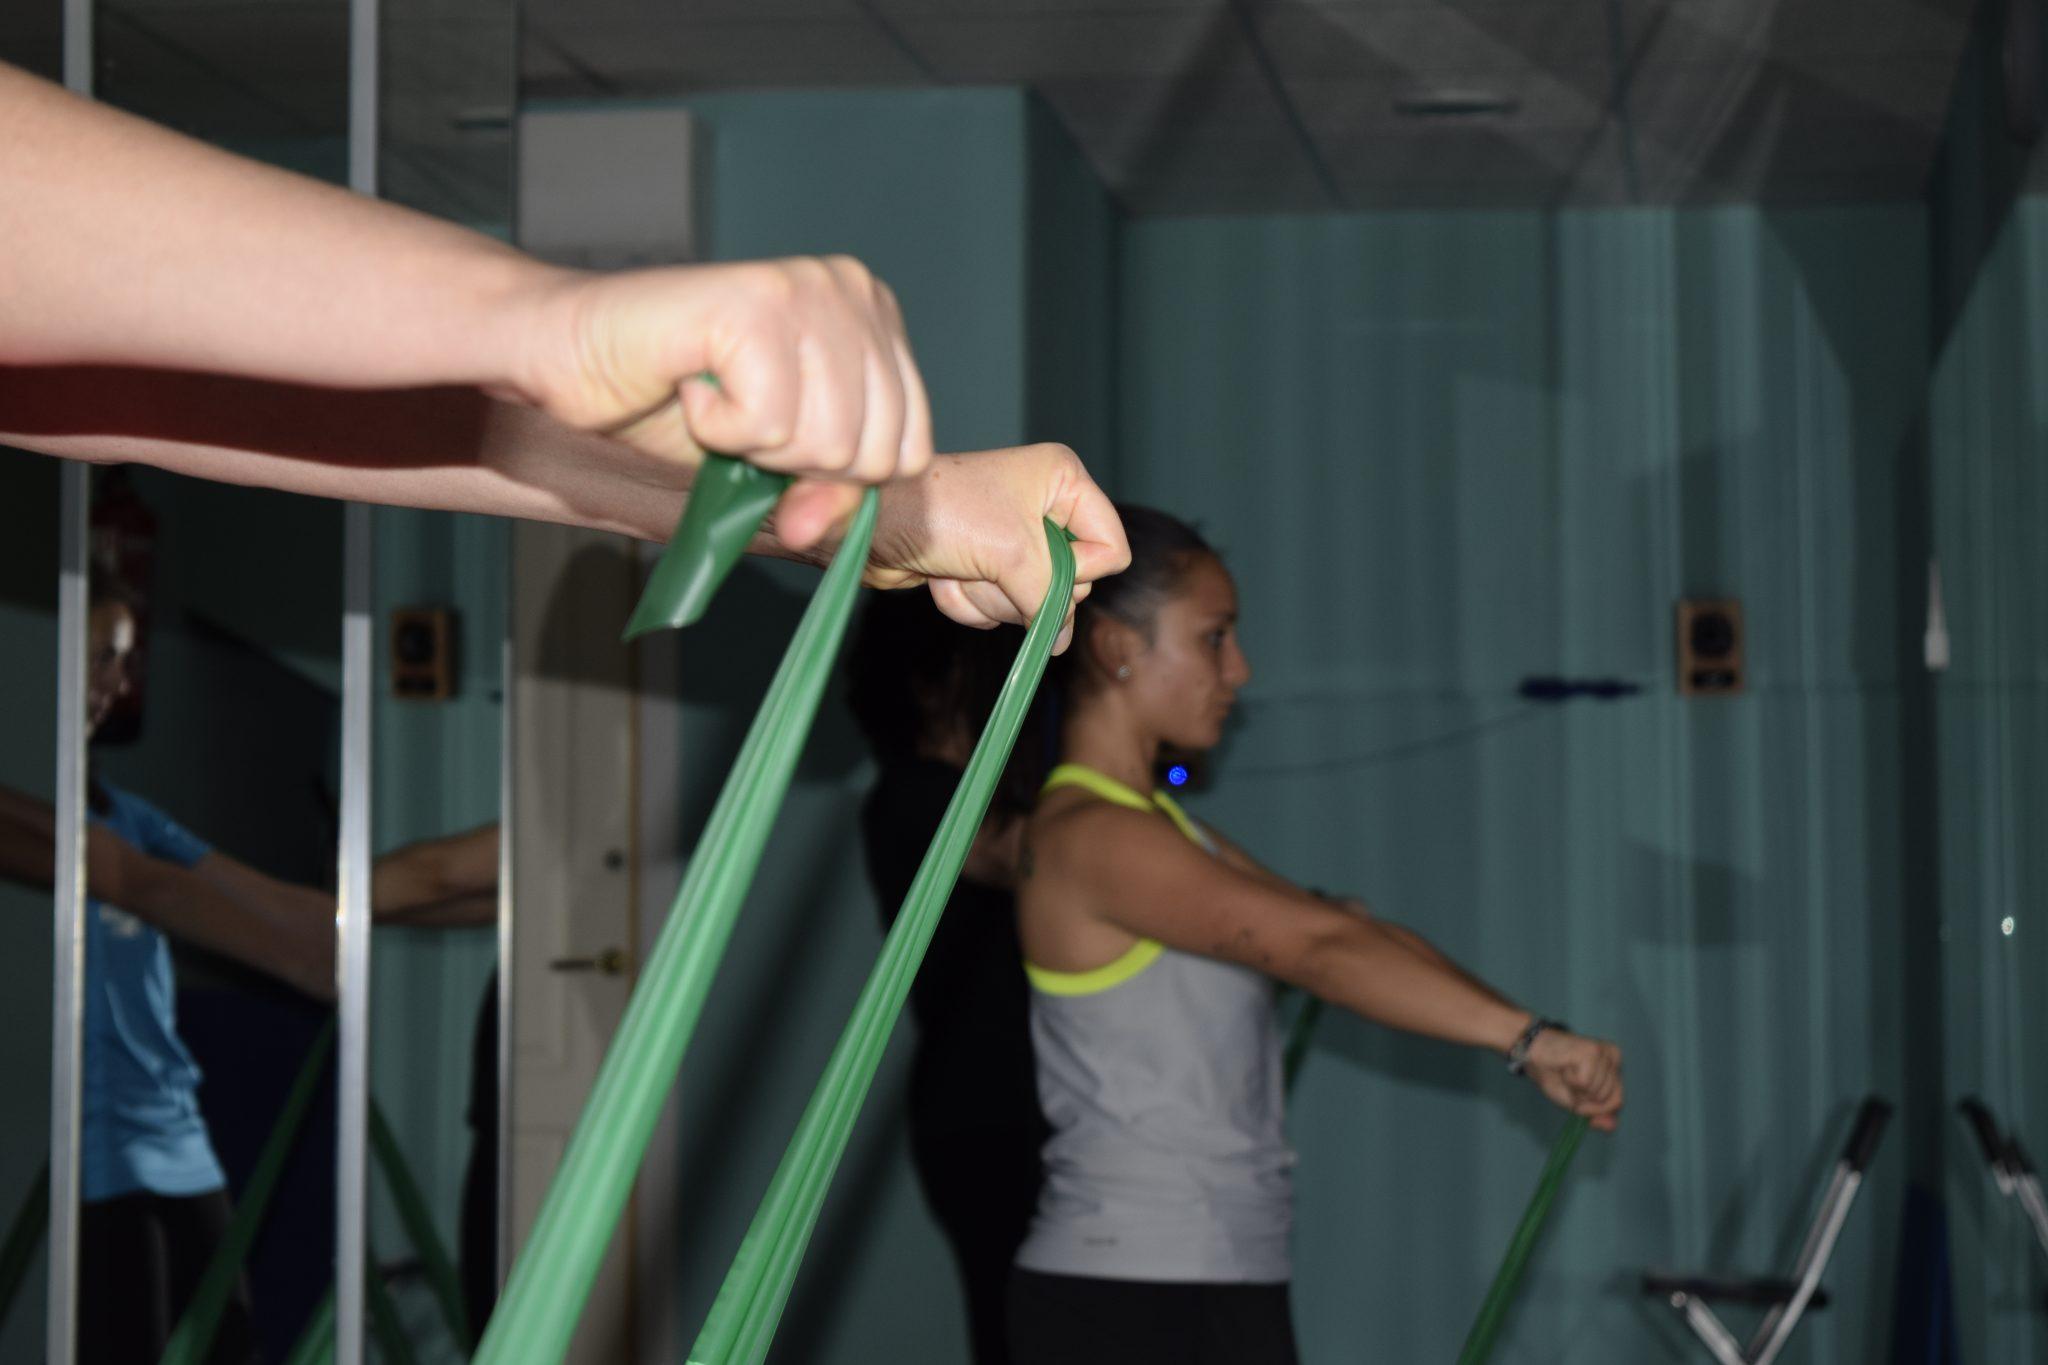 Actividad física: pilates, ciclo, zumba, yoga...elige bien tu primera actividad física